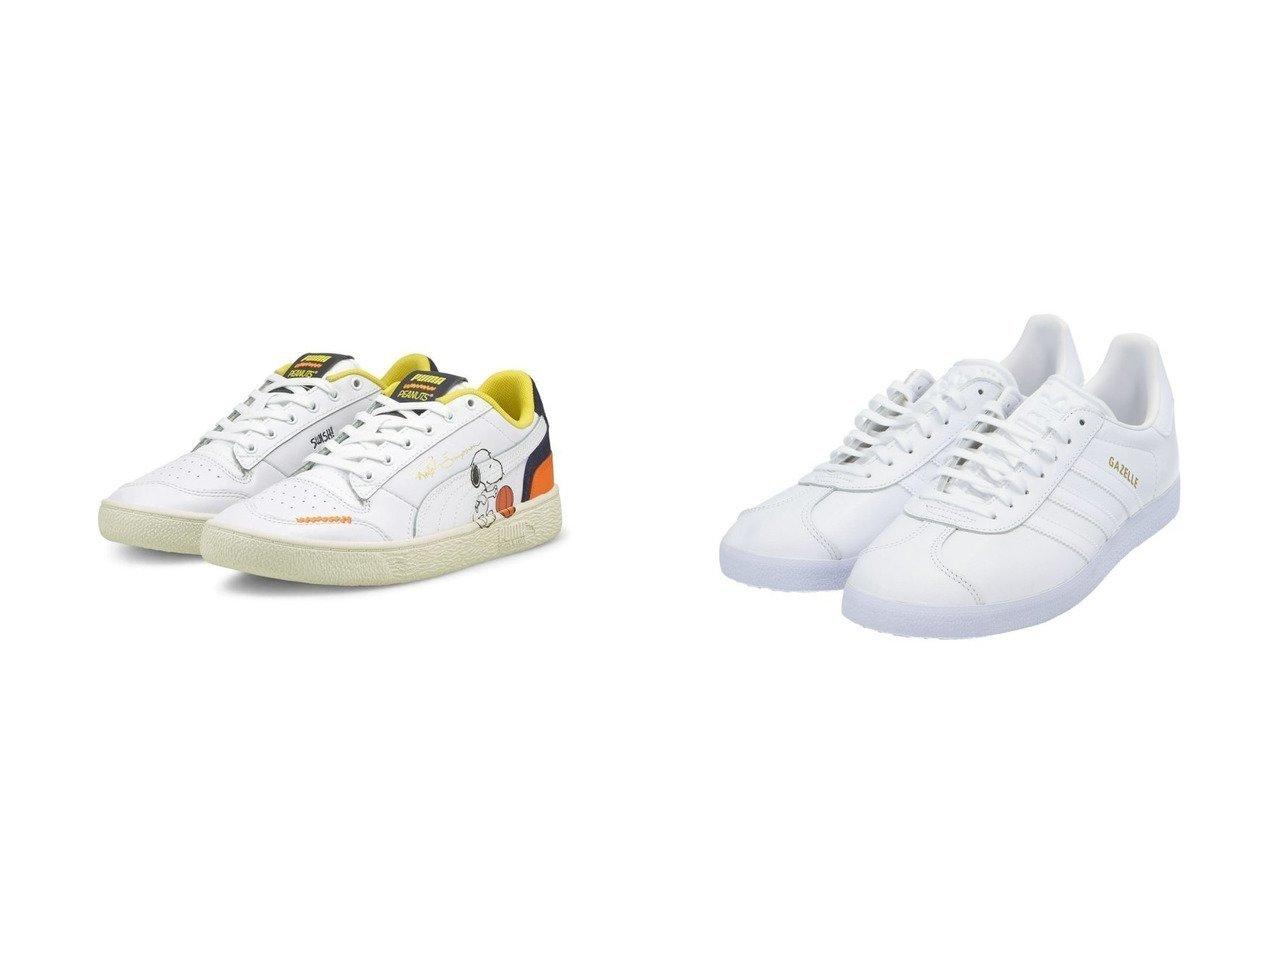 【adidas Originals/アディダス オリジナルス】のガゼル Gazelle アディダスオリジナルス&【PUMA/プーマ】のPUMA RALPH SAMPSON PEANUTS 【シューズ・靴】おすすめ!人気、トレンド・レディースファッションの通販 おすすめで人気の流行・トレンド、ファッションの通販商品 メンズファッション・キッズファッション・インテリア・家具・レディースファッション・服の通販 founy(ファニー) https://founy.com/ ファッション Fashion レディースファッション WOMEN シューズ ストライプ スニーカー スポーツ スリッポン ミックス 人気 キャラクター クッション バスケット プリント NEW・新作・新着・新入荷 New Arrivals |ID:crp329100000029186